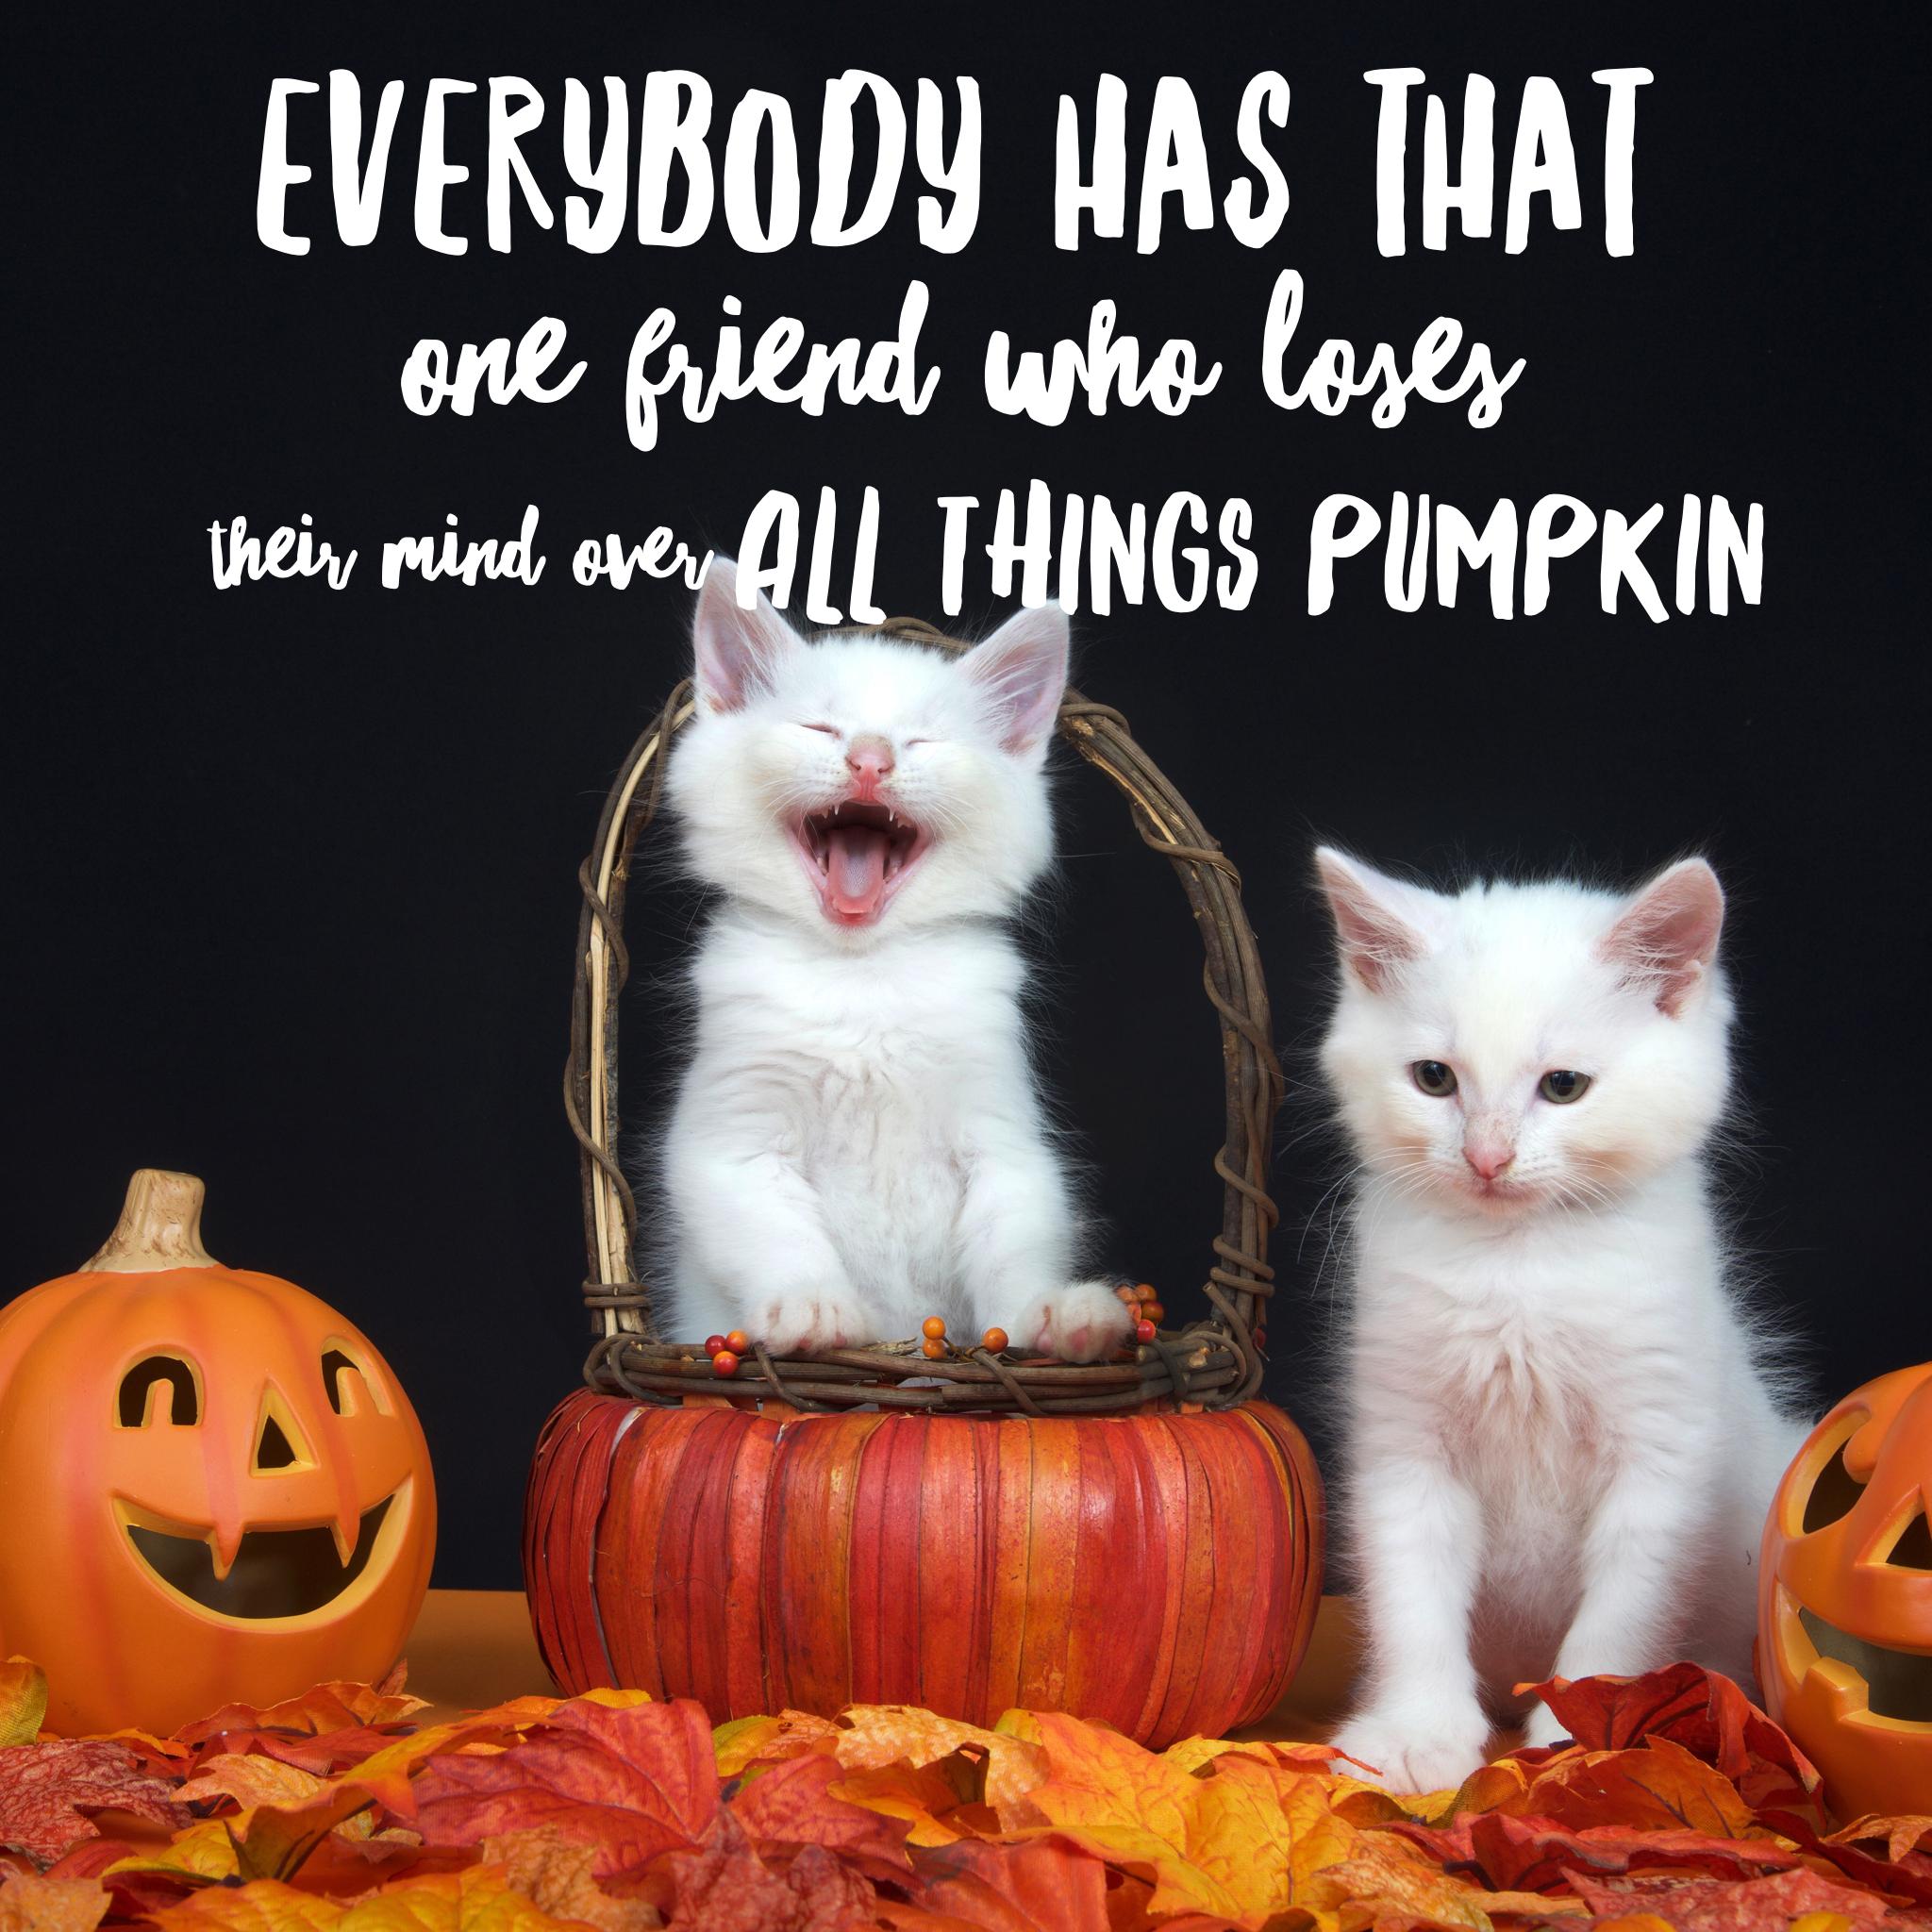 Halloween Memes Halloween Memes Funny Halloween Jokes